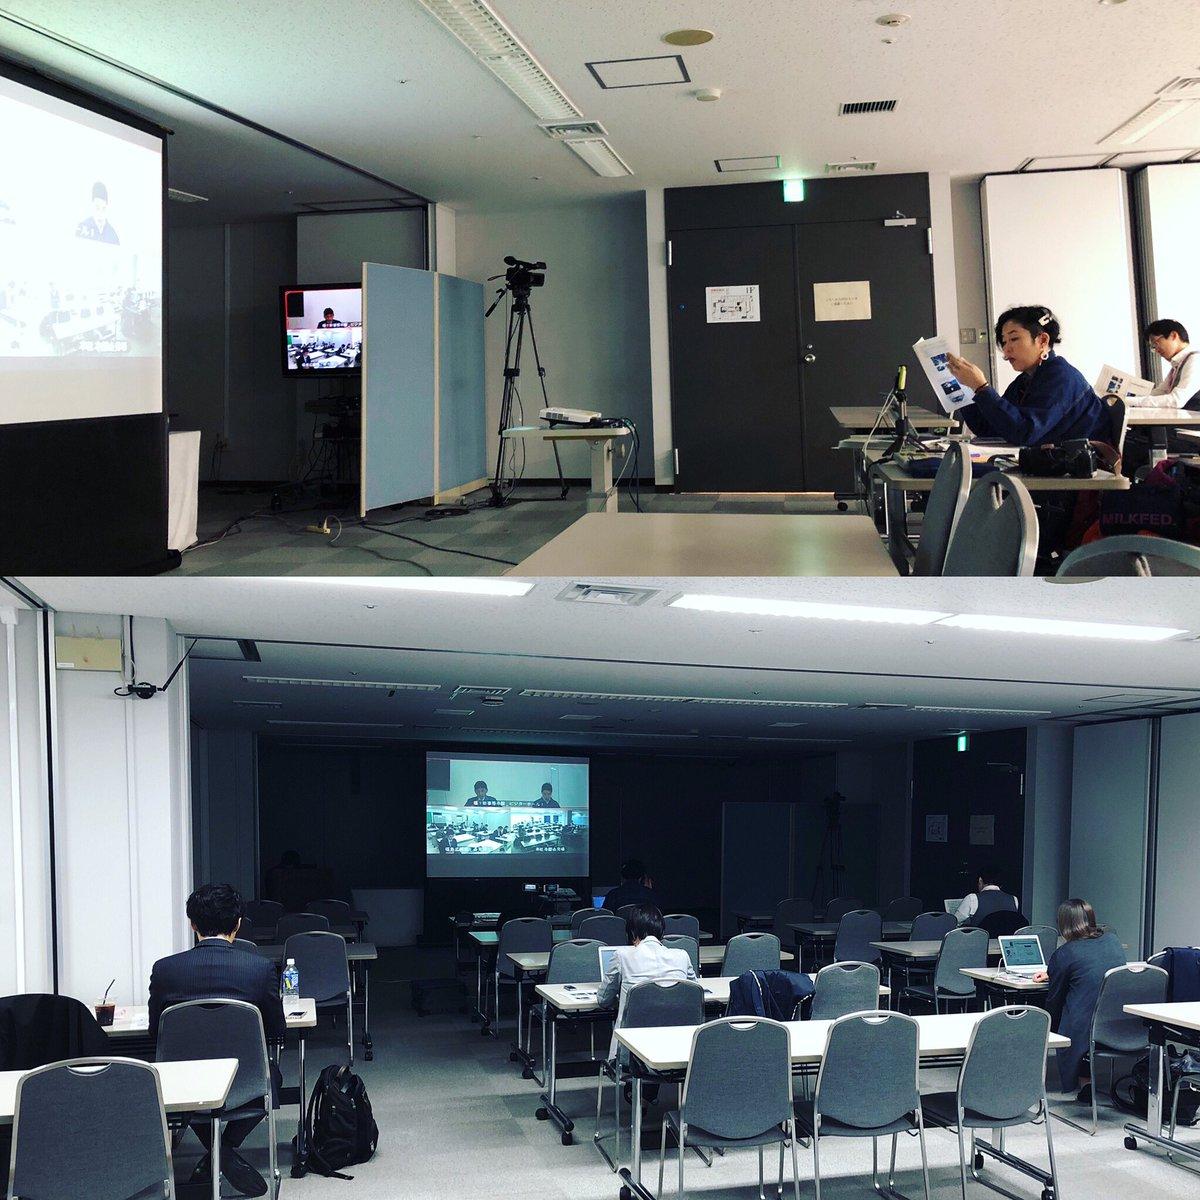 東京電力定例会見、始まってます。中継どうぞご覧ください!後半には、マコちゃんの質問もございます!ツイキャスペリスコープ